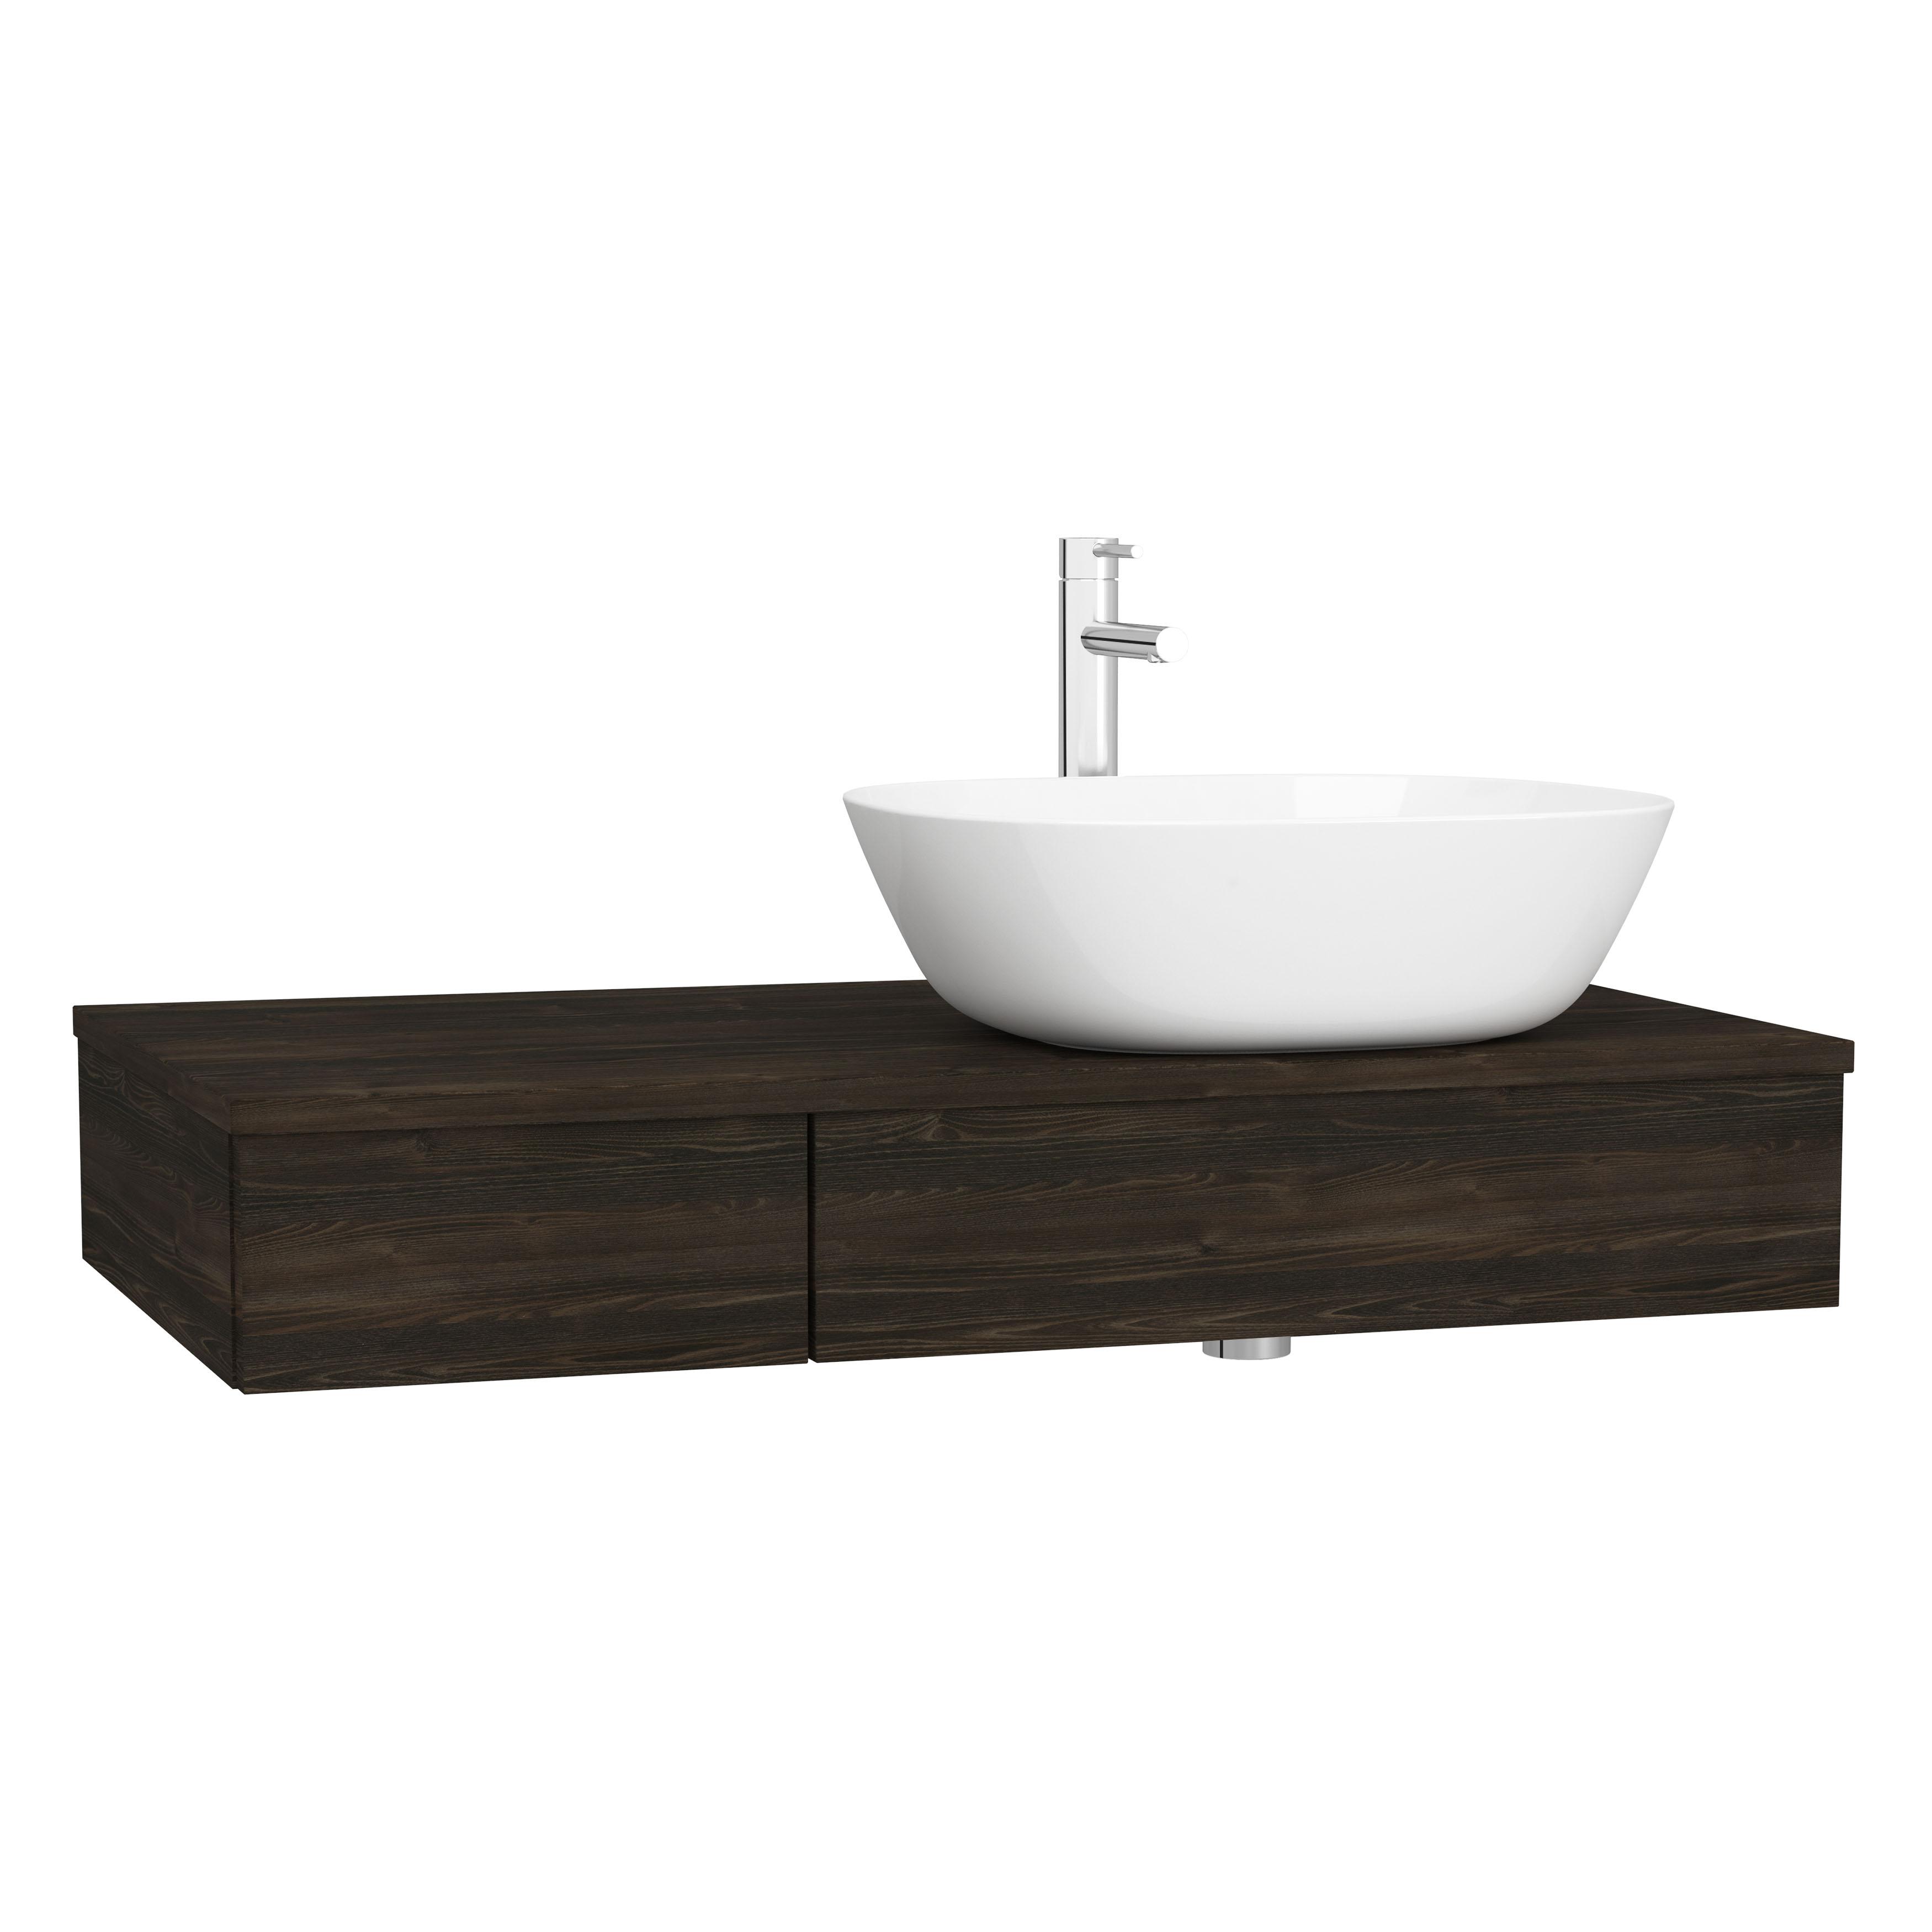 Origin plan de toilette avec tiroir, 90 cm, orme, droite